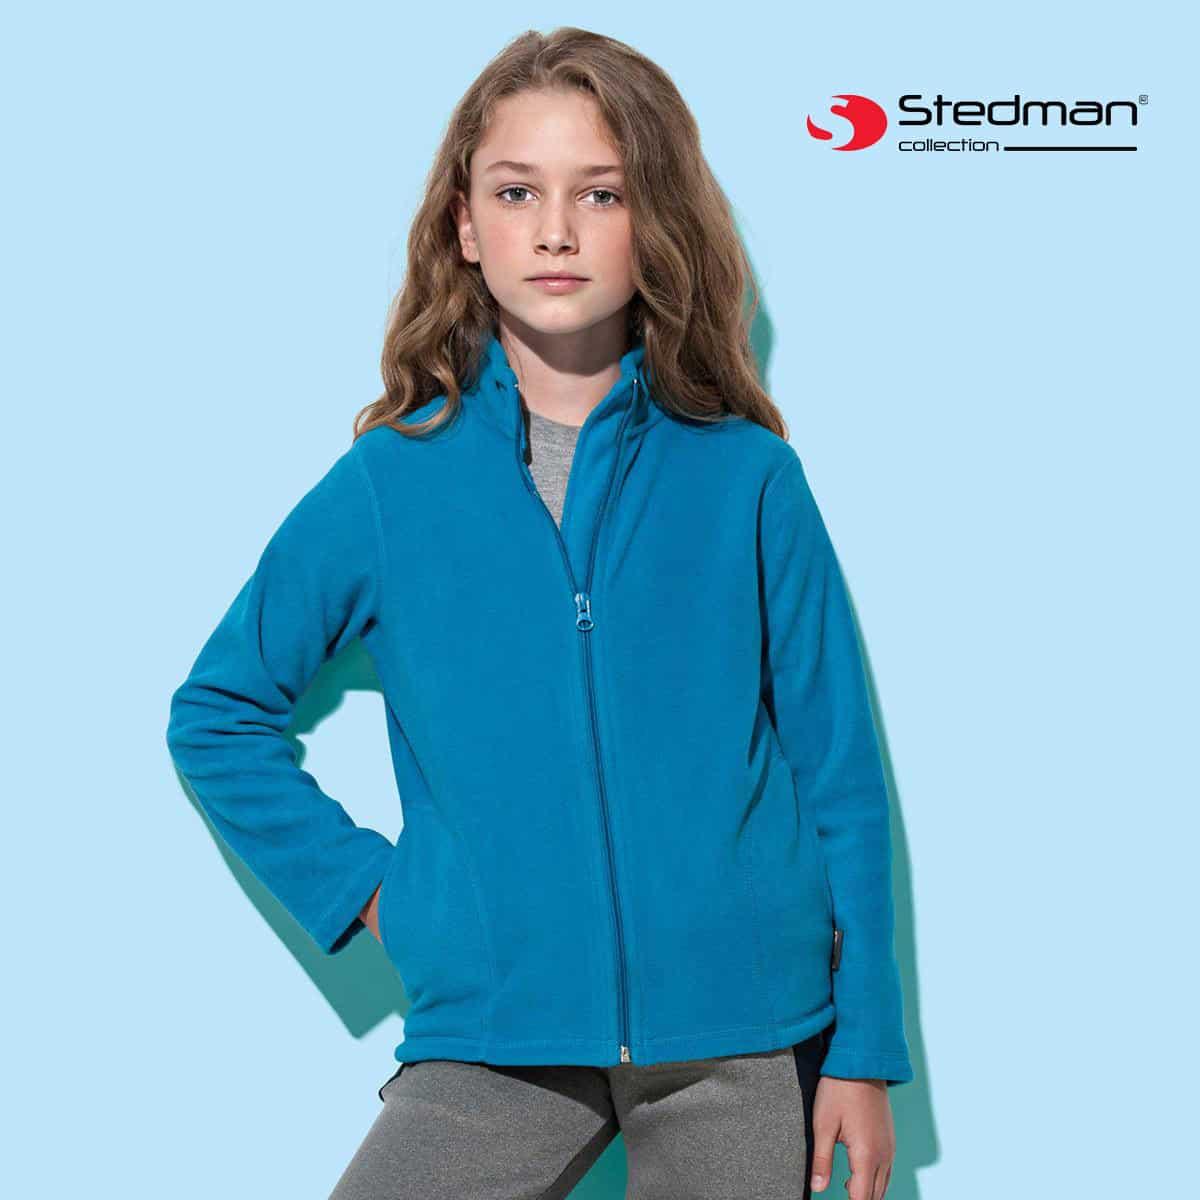 Bambina con lunghi capelli biondi pantaloni grigi e pile collo alto con zip lunga turchese